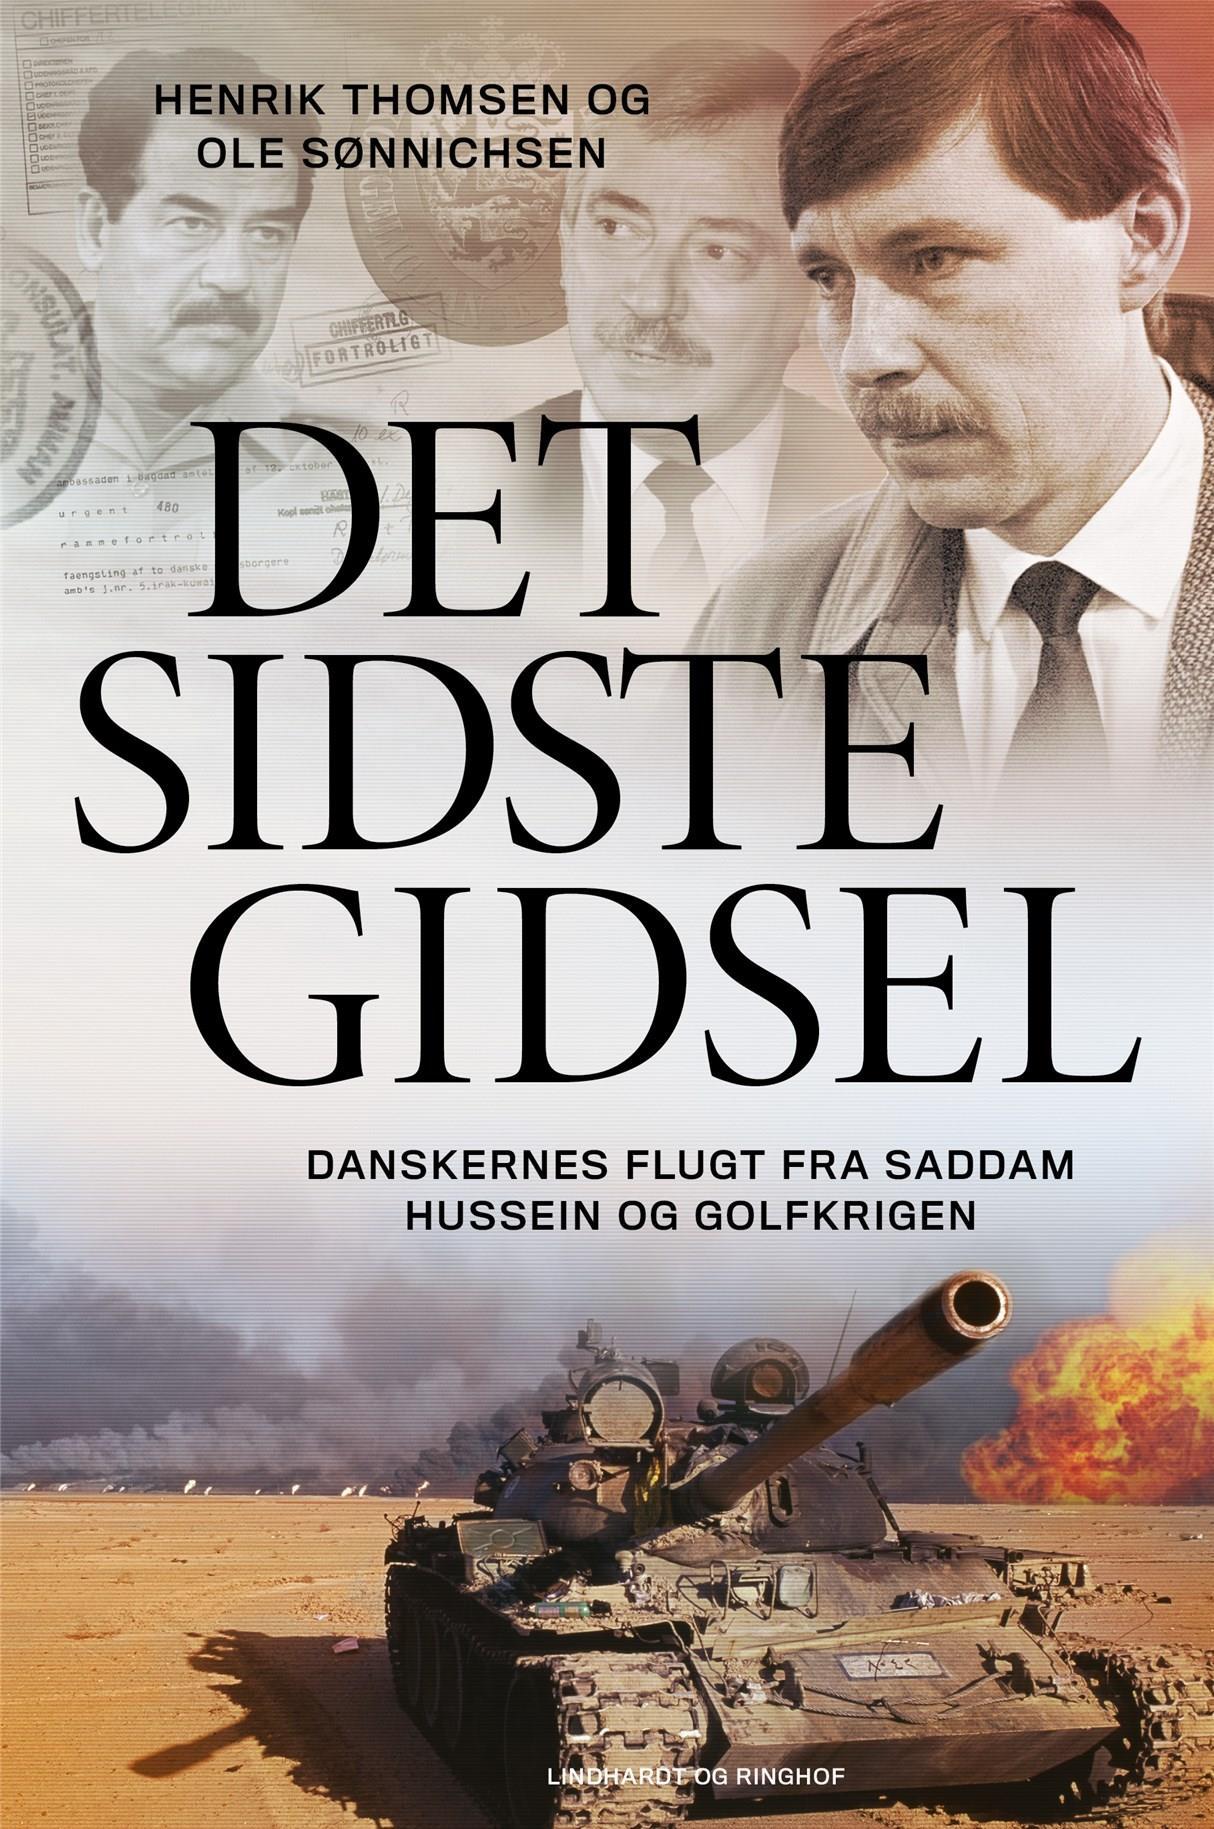 Det sidste gidsel - Henrik Thomsen; Ole Sønnichsen - Bøger - Lindhardt og Ringhof - 9788711980576 - 18/9-2020